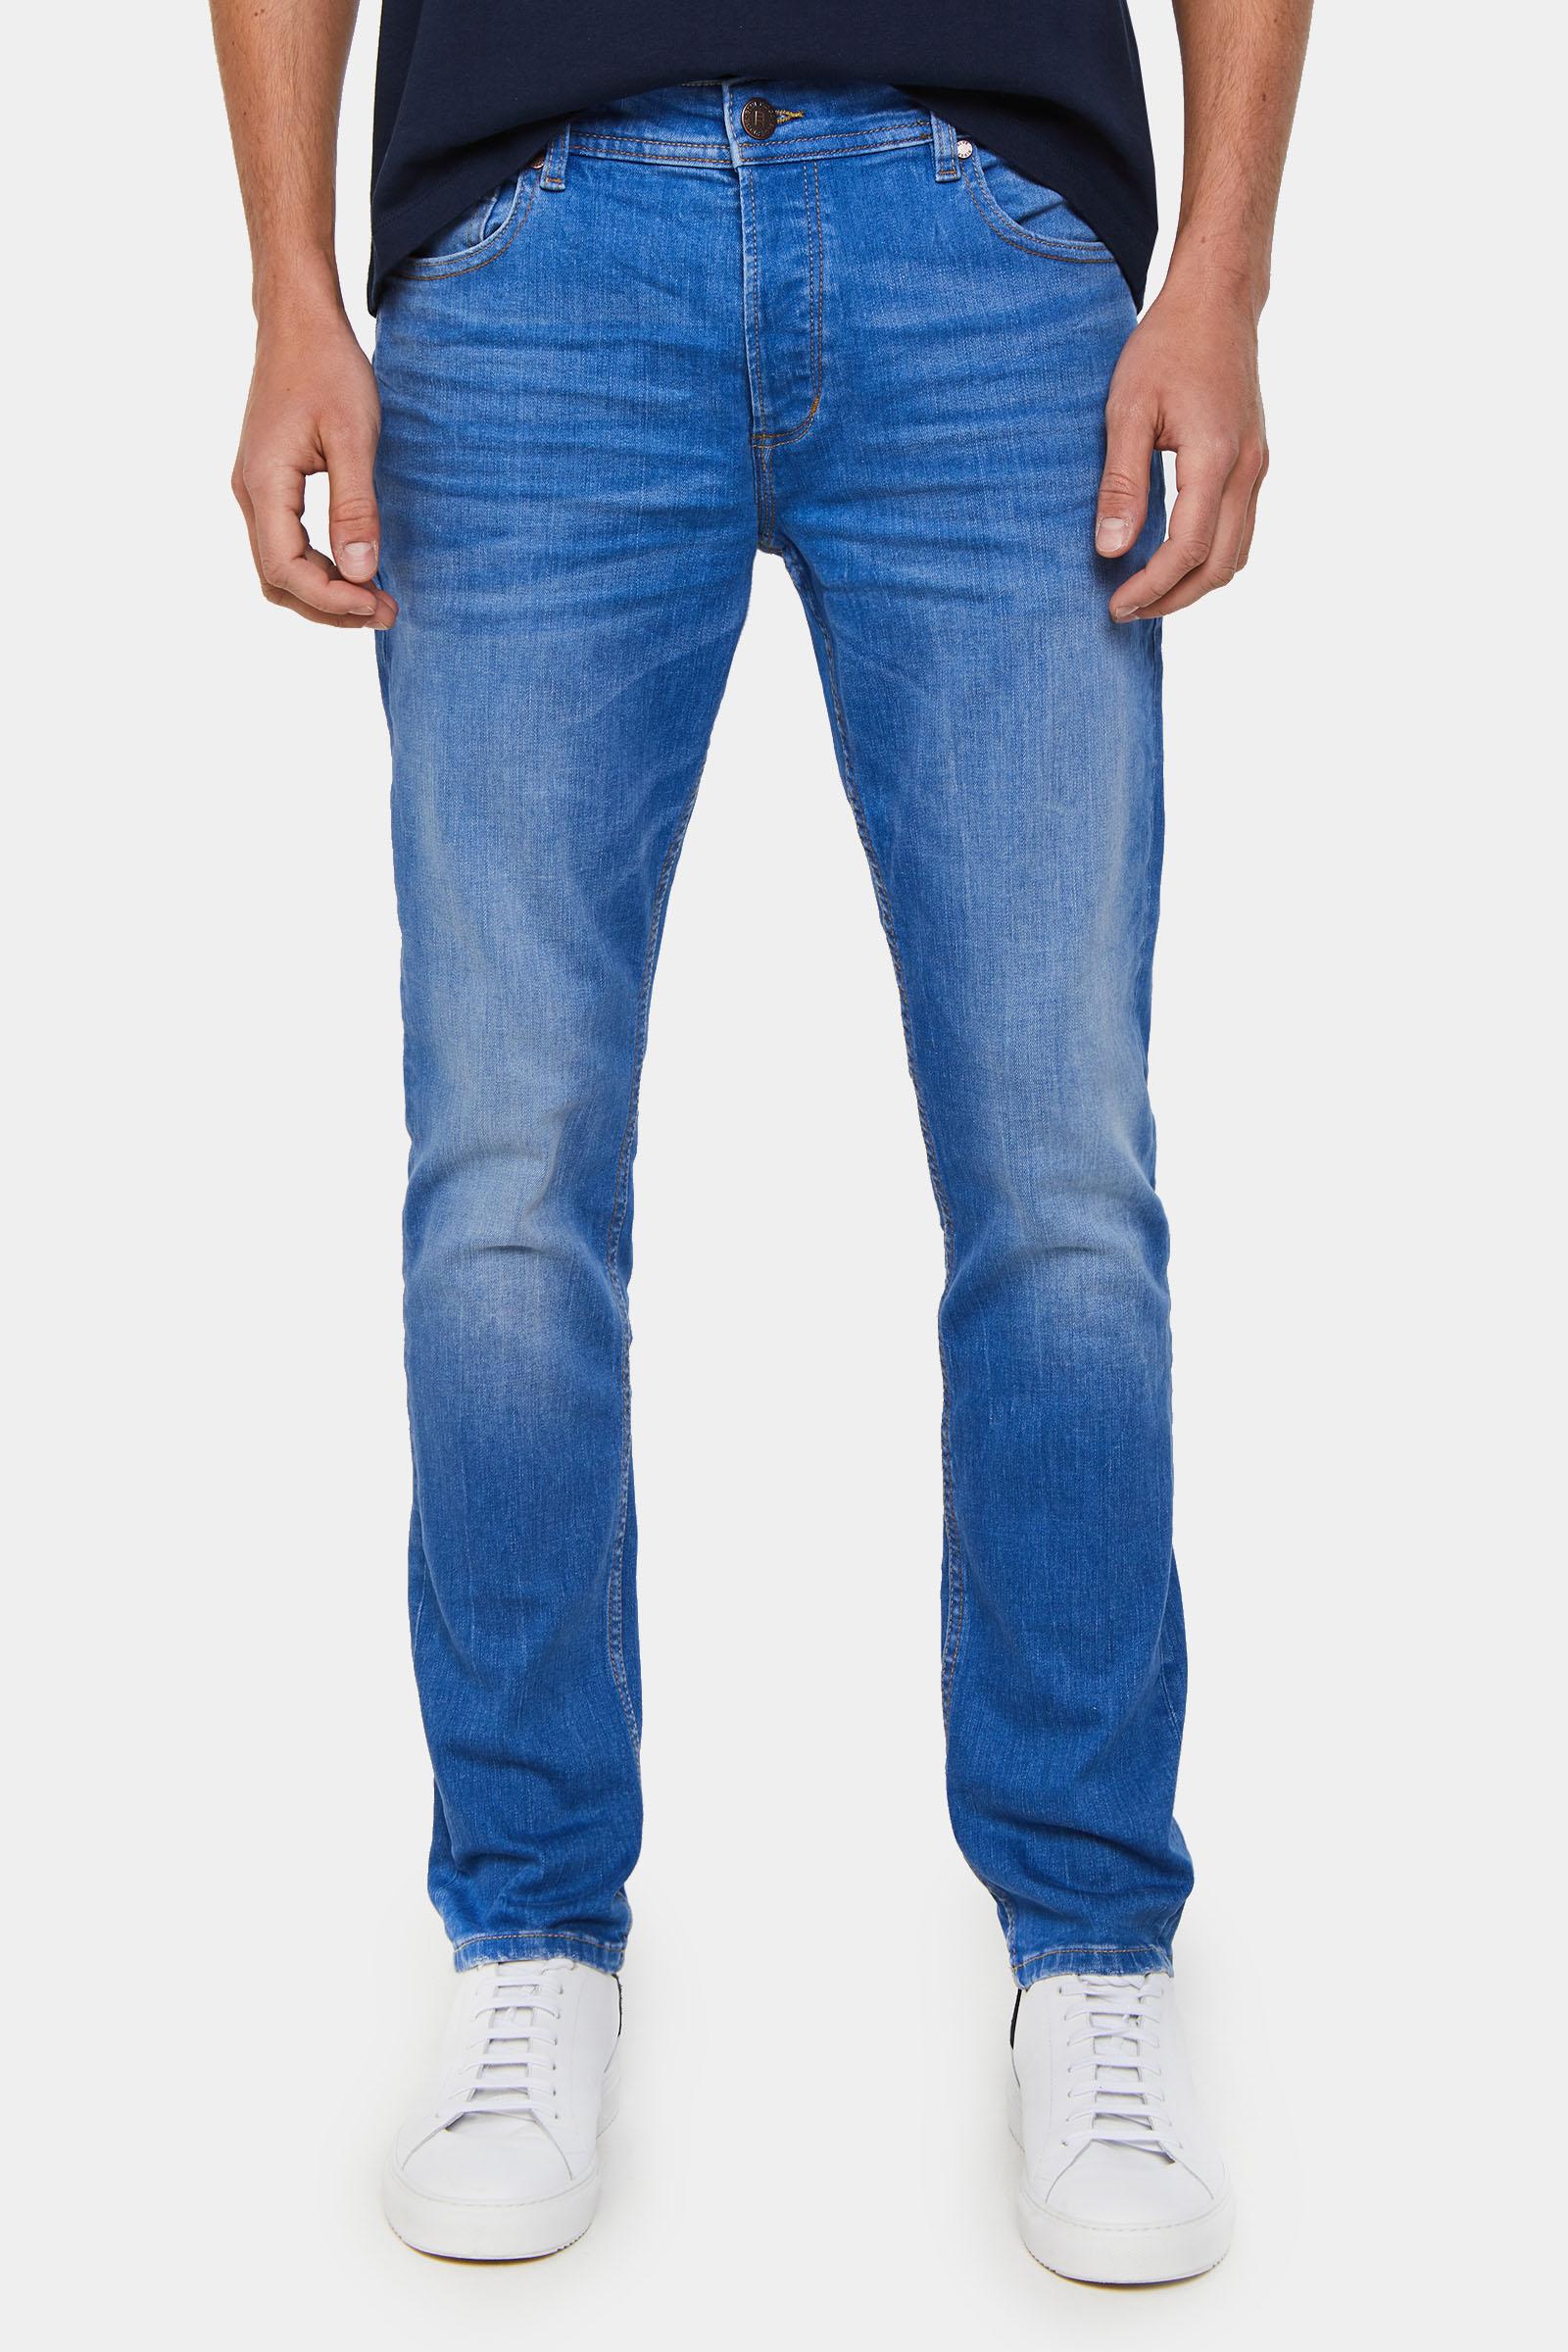 WE Fashion Slim Fit Jeans voor Heren • Collectie 2020